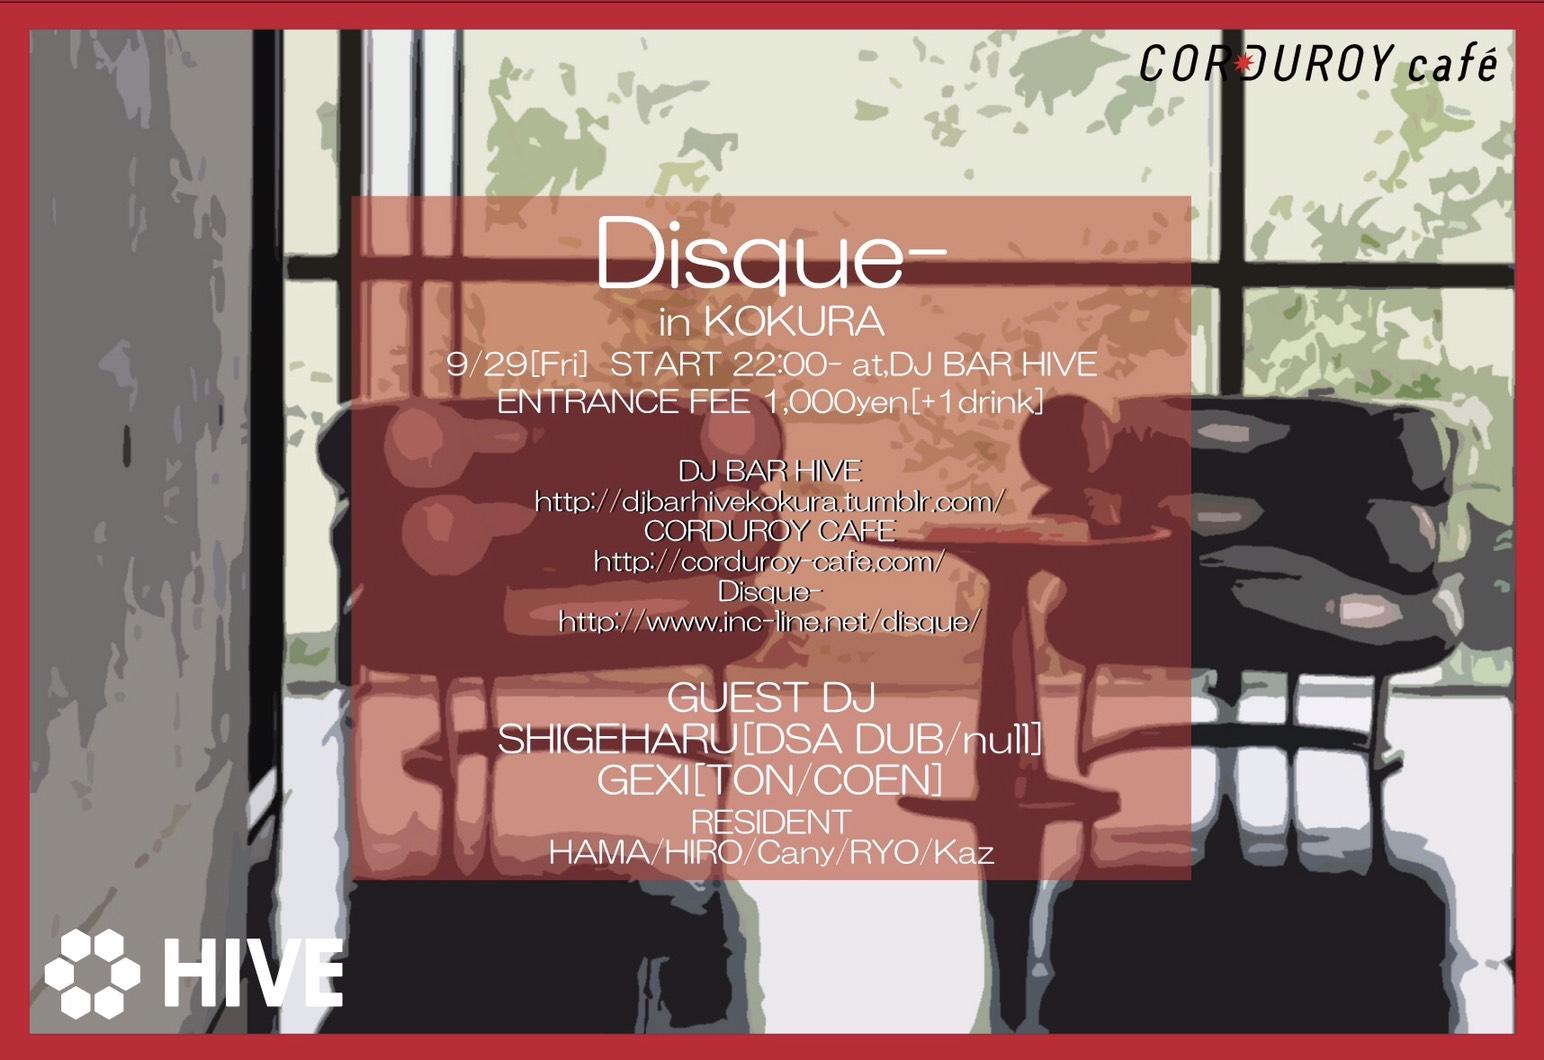 Disque- in KOKURA @DJ BAR HIVE